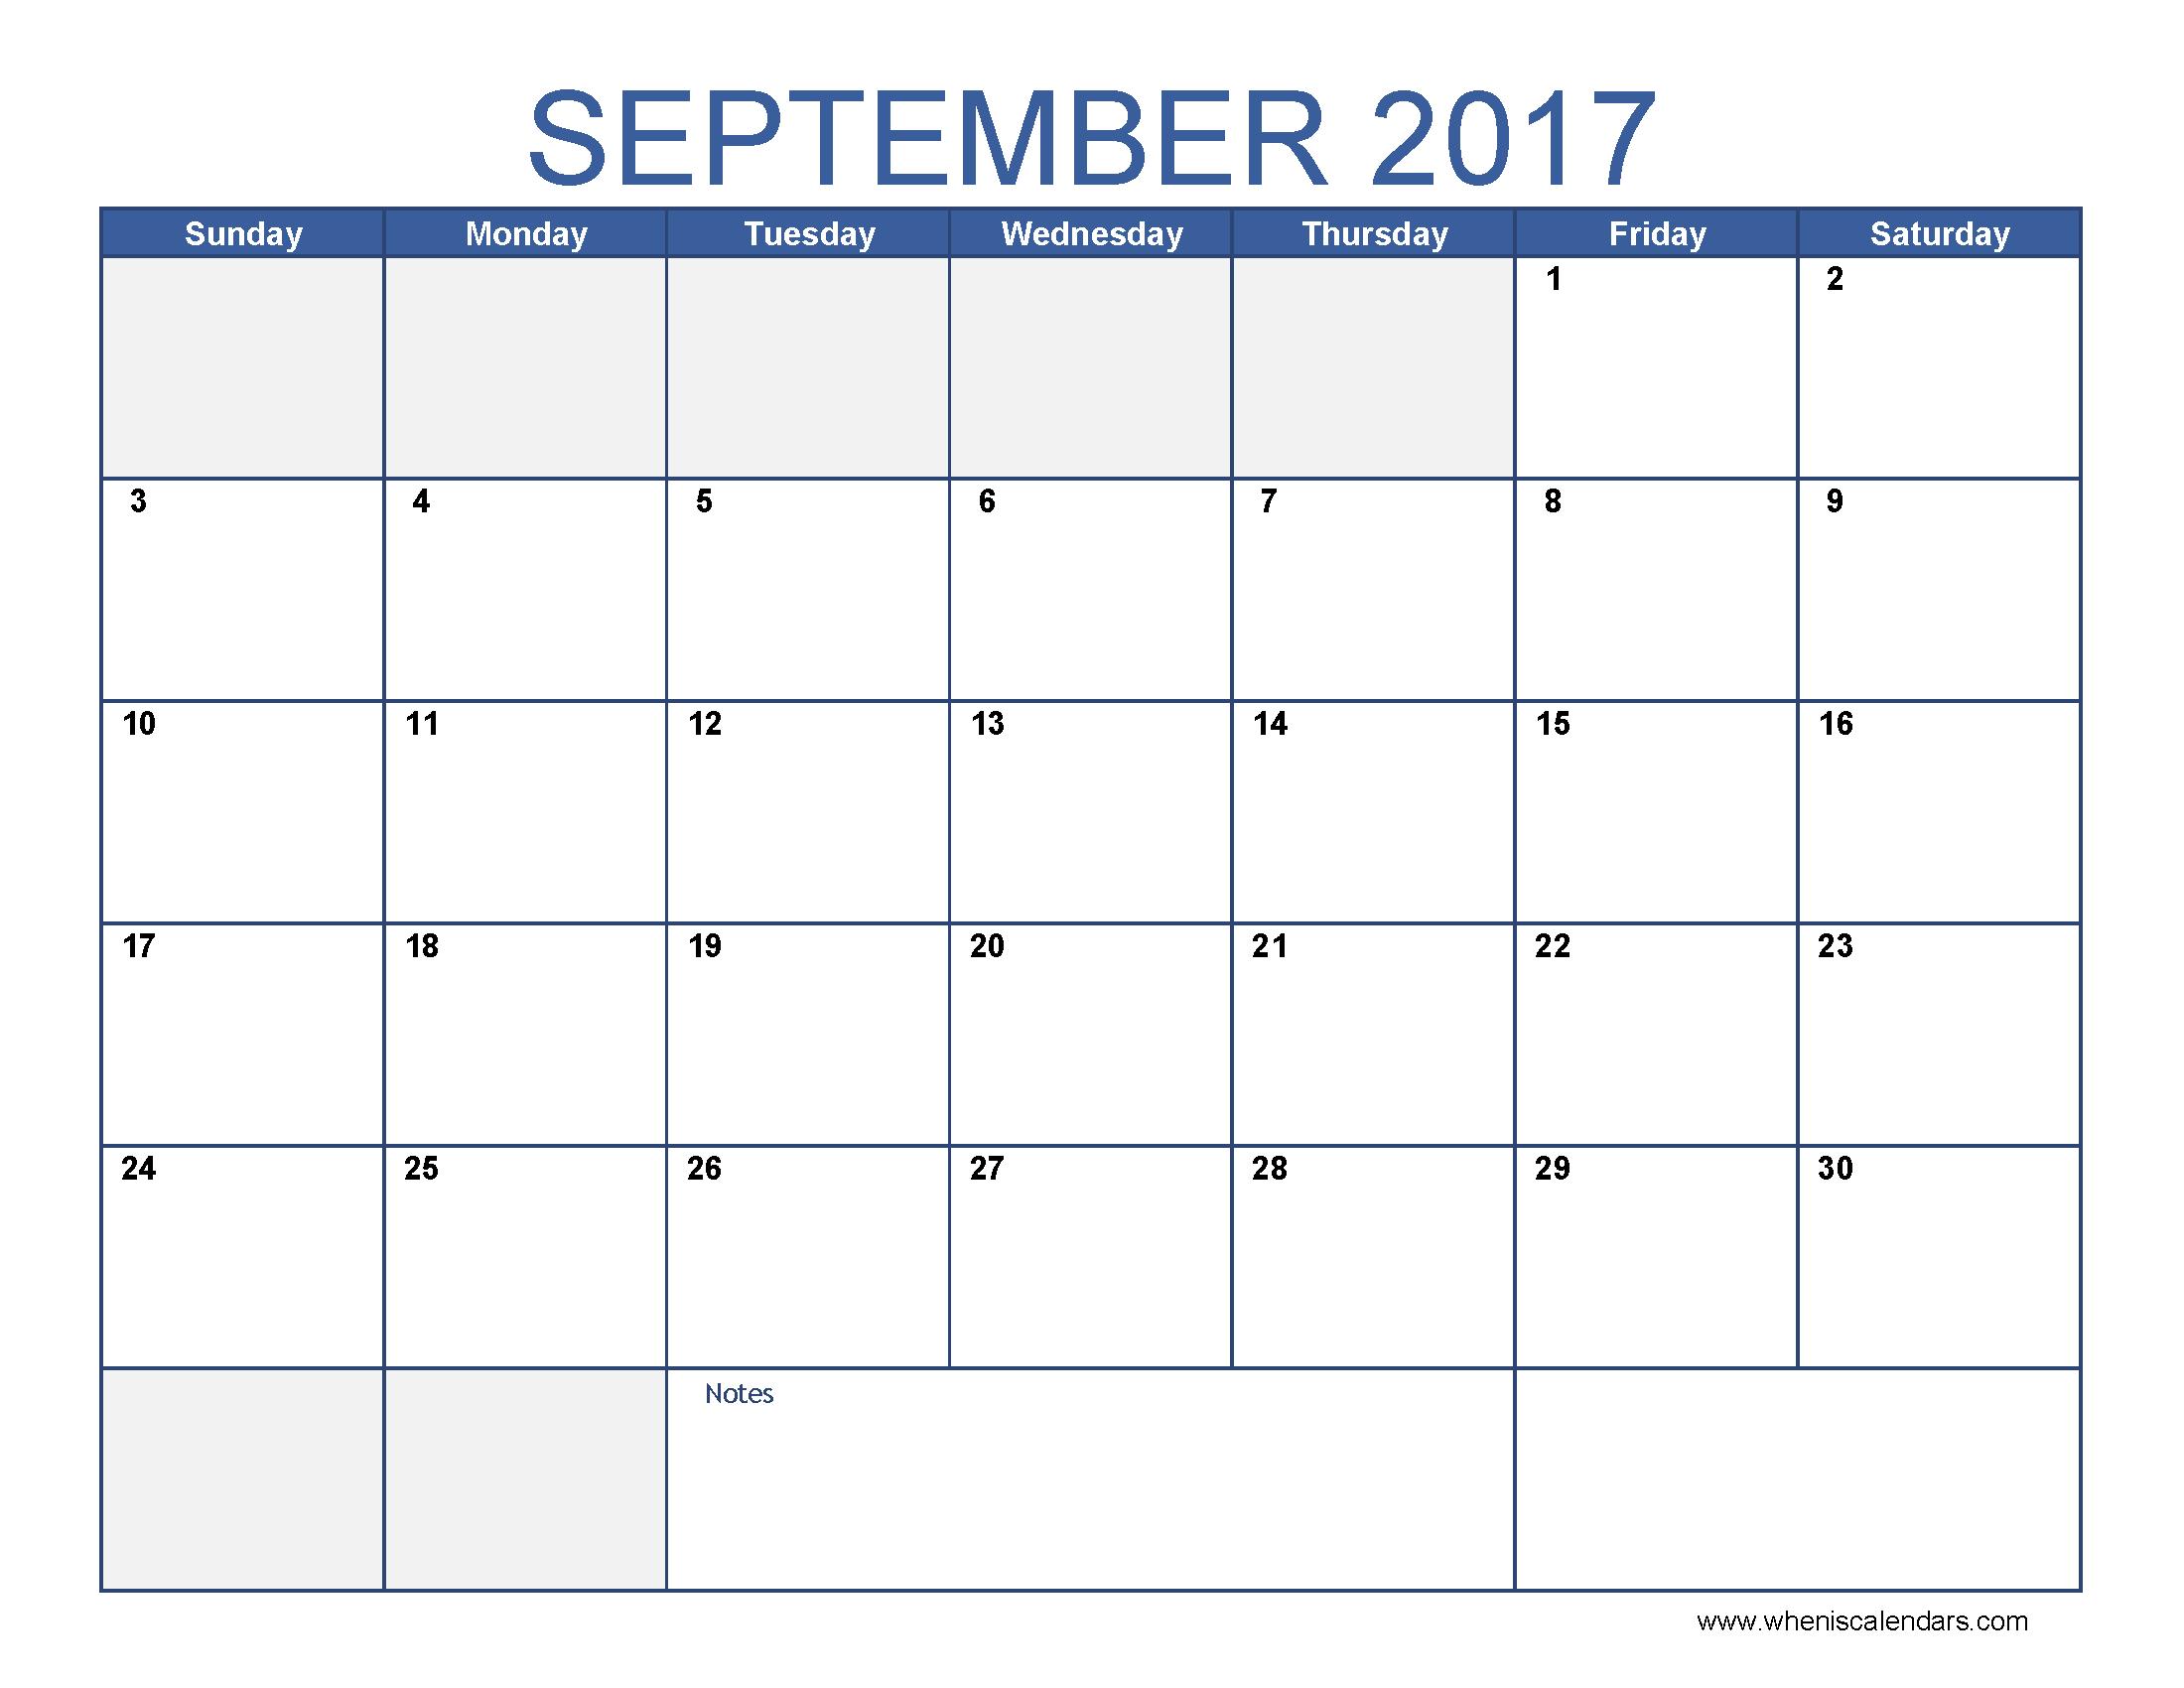 September 2017 Calendar Template Printable Monthly Calendar When